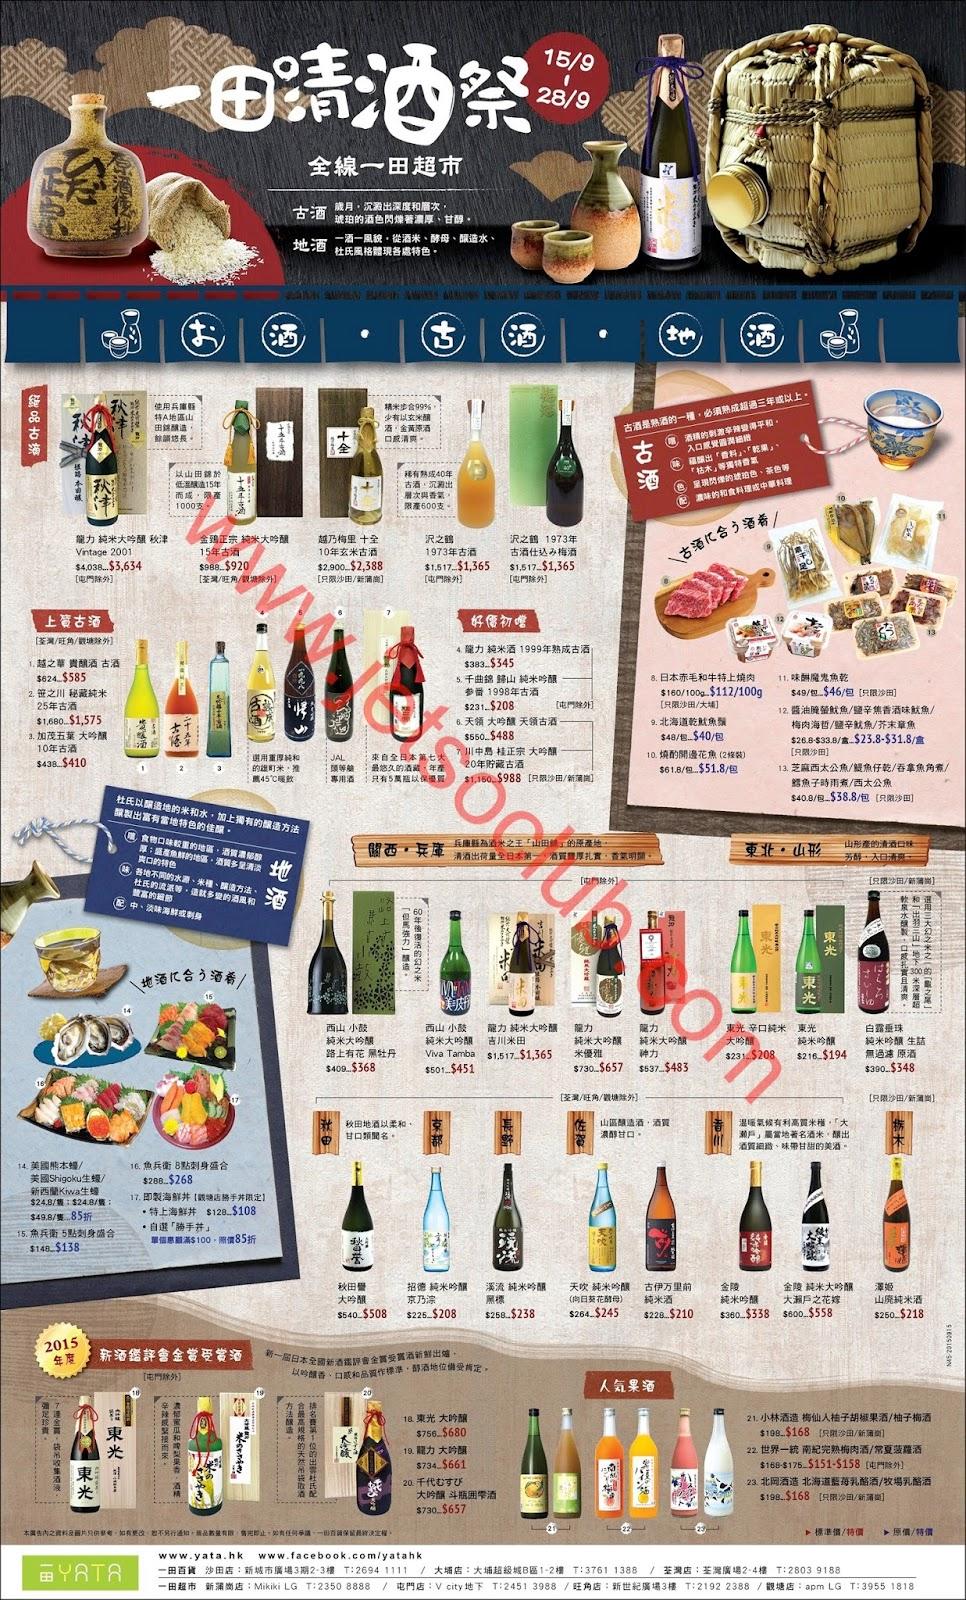 一田超市:清酒祭(至28/9) ( Jetso Club 著數俱樂部 )